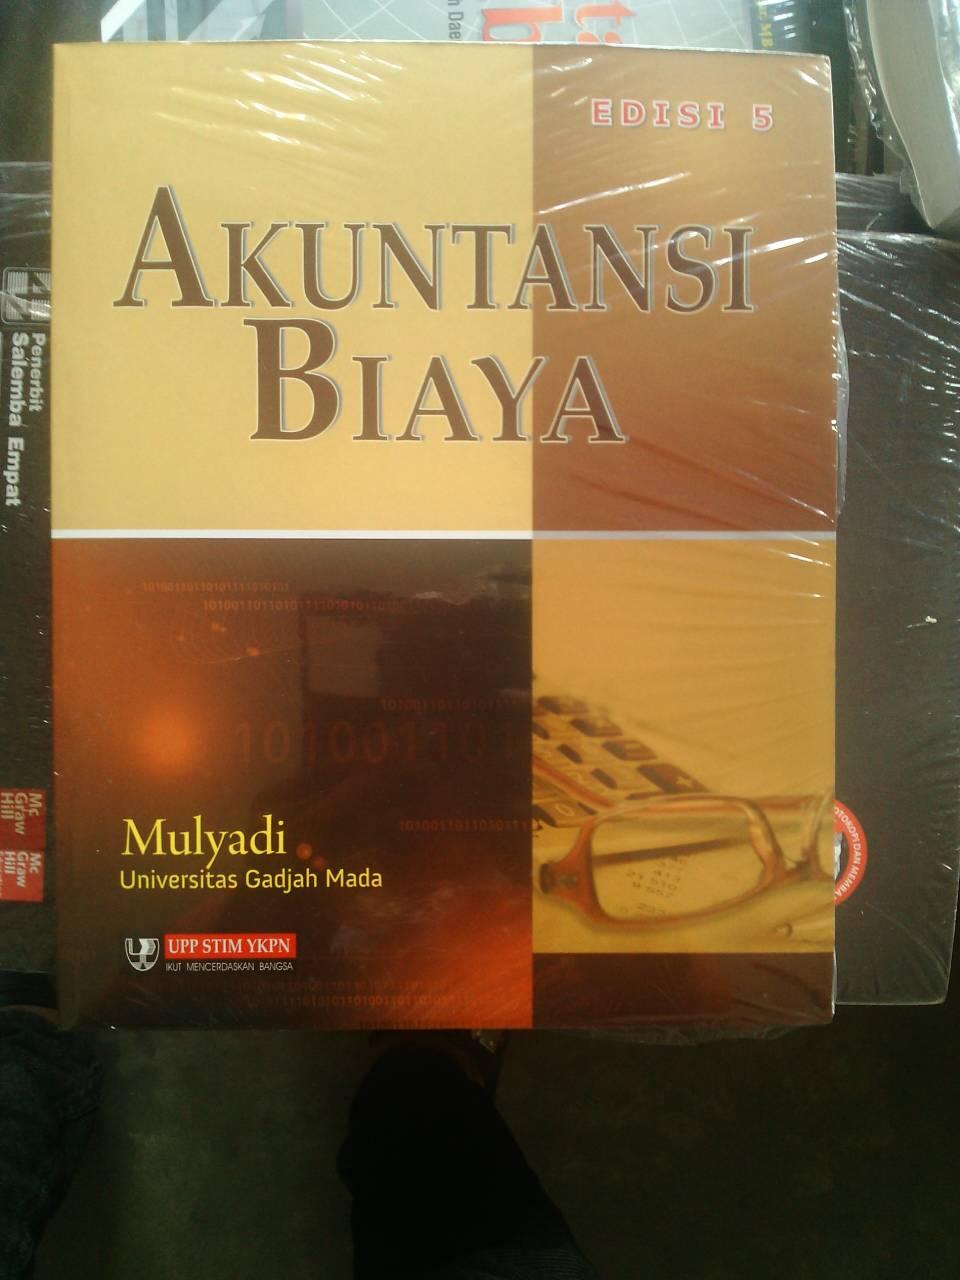 Download Buku Audit Mulyadi 2Pdf - thebookeenet